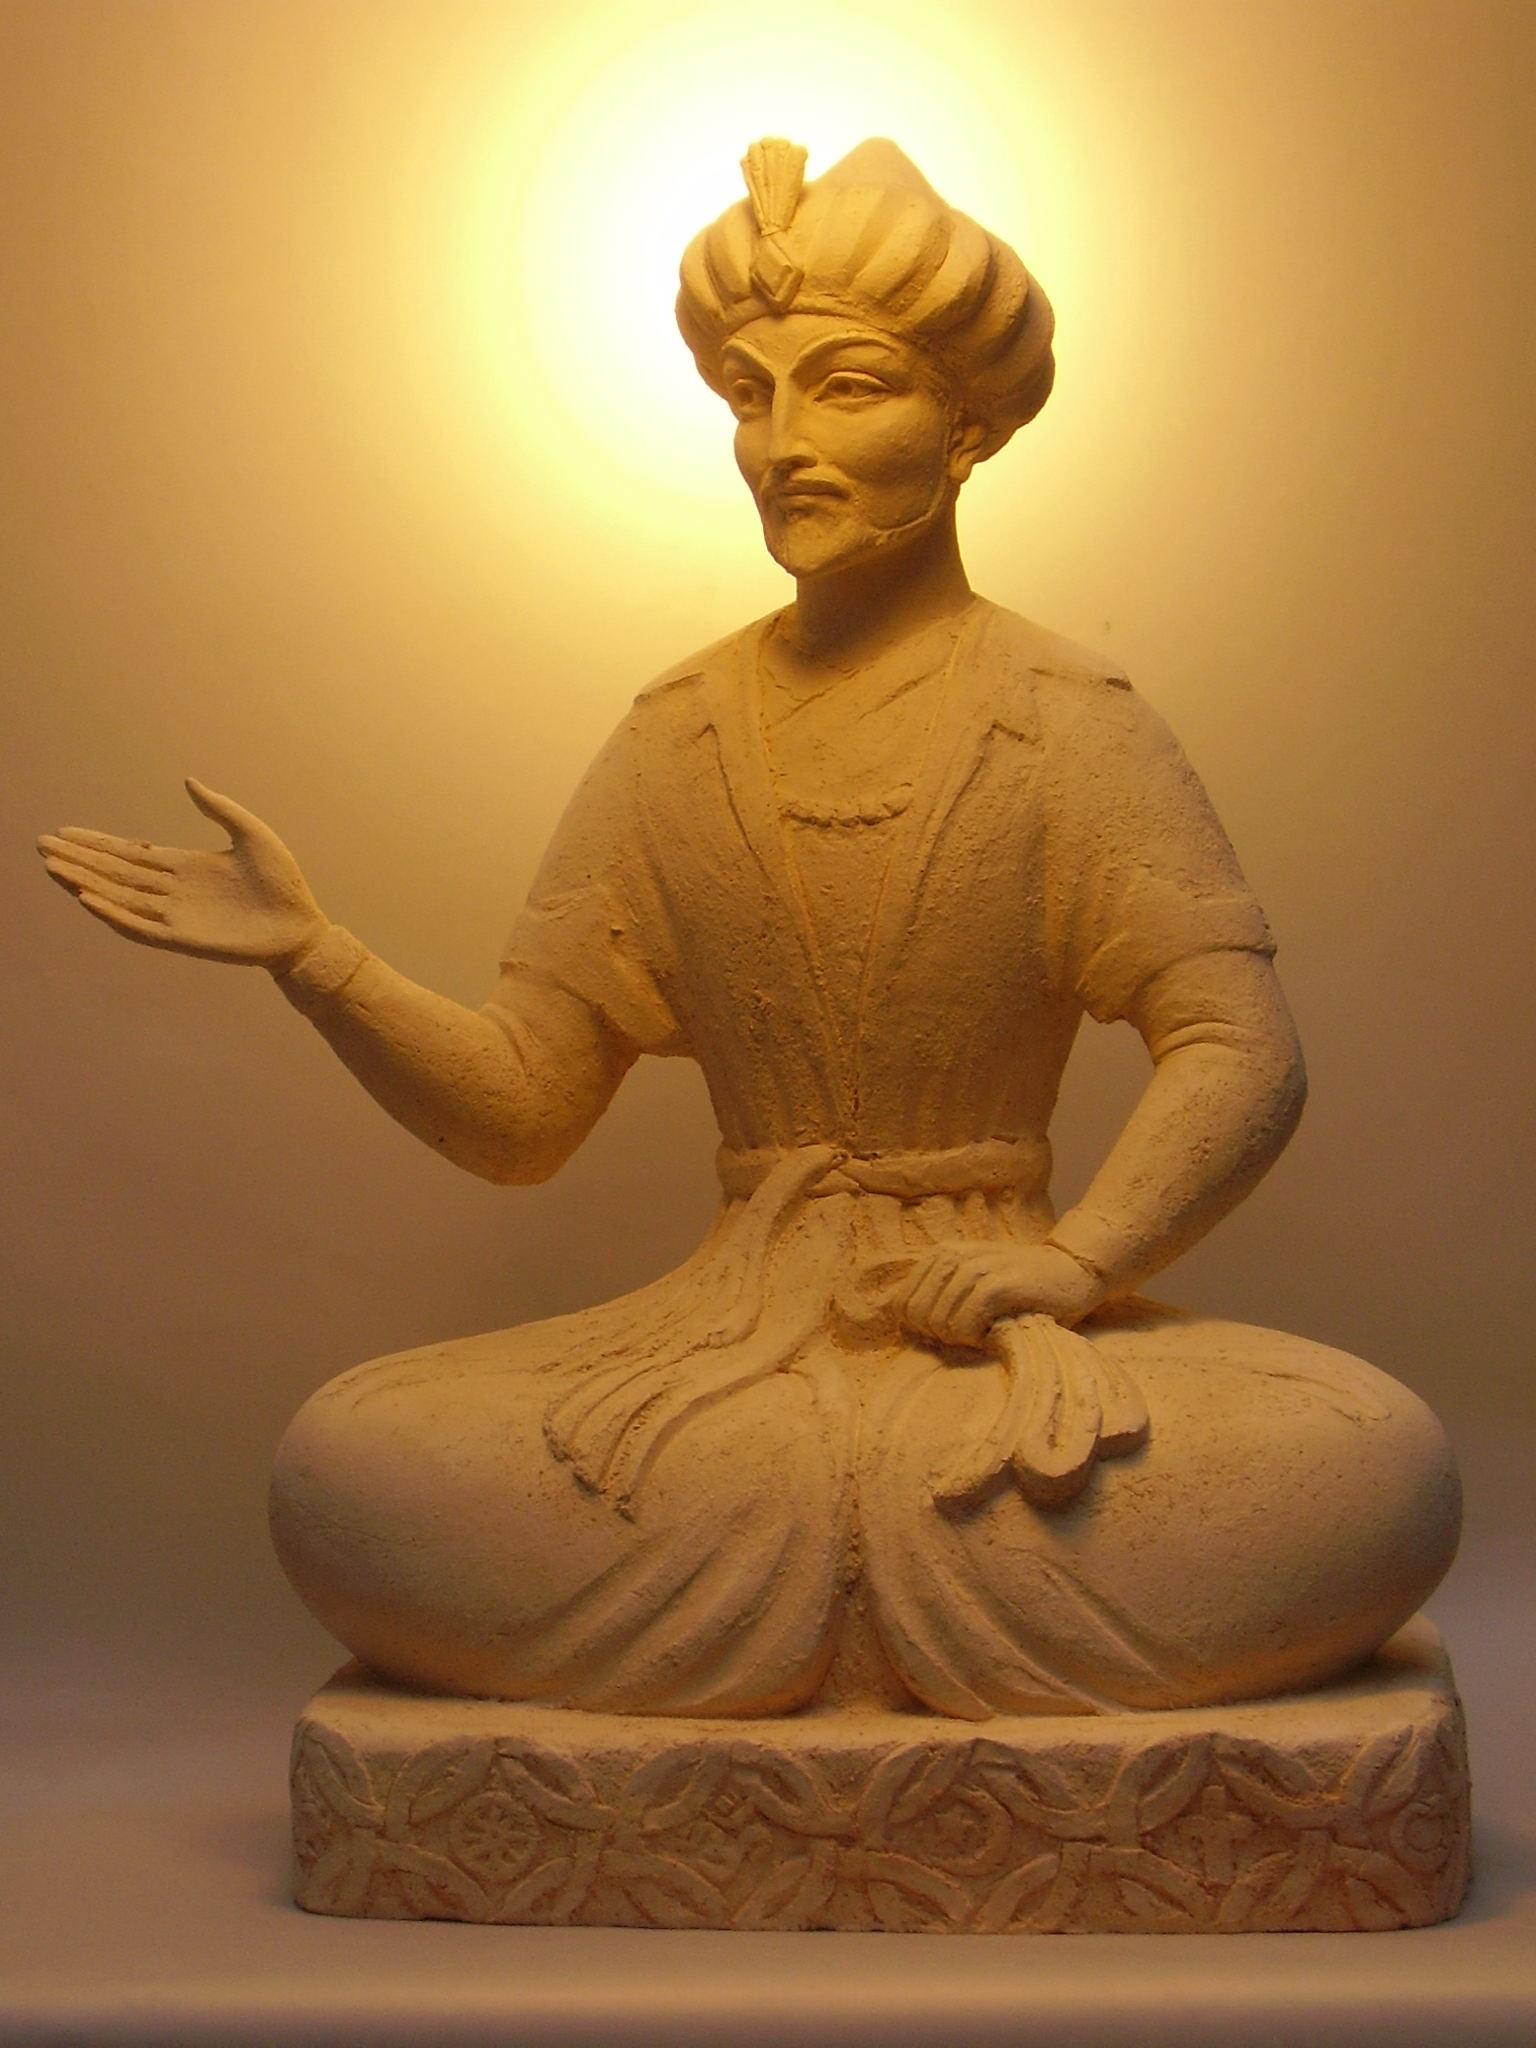 Emperor Akbar. 2004. - p1010408